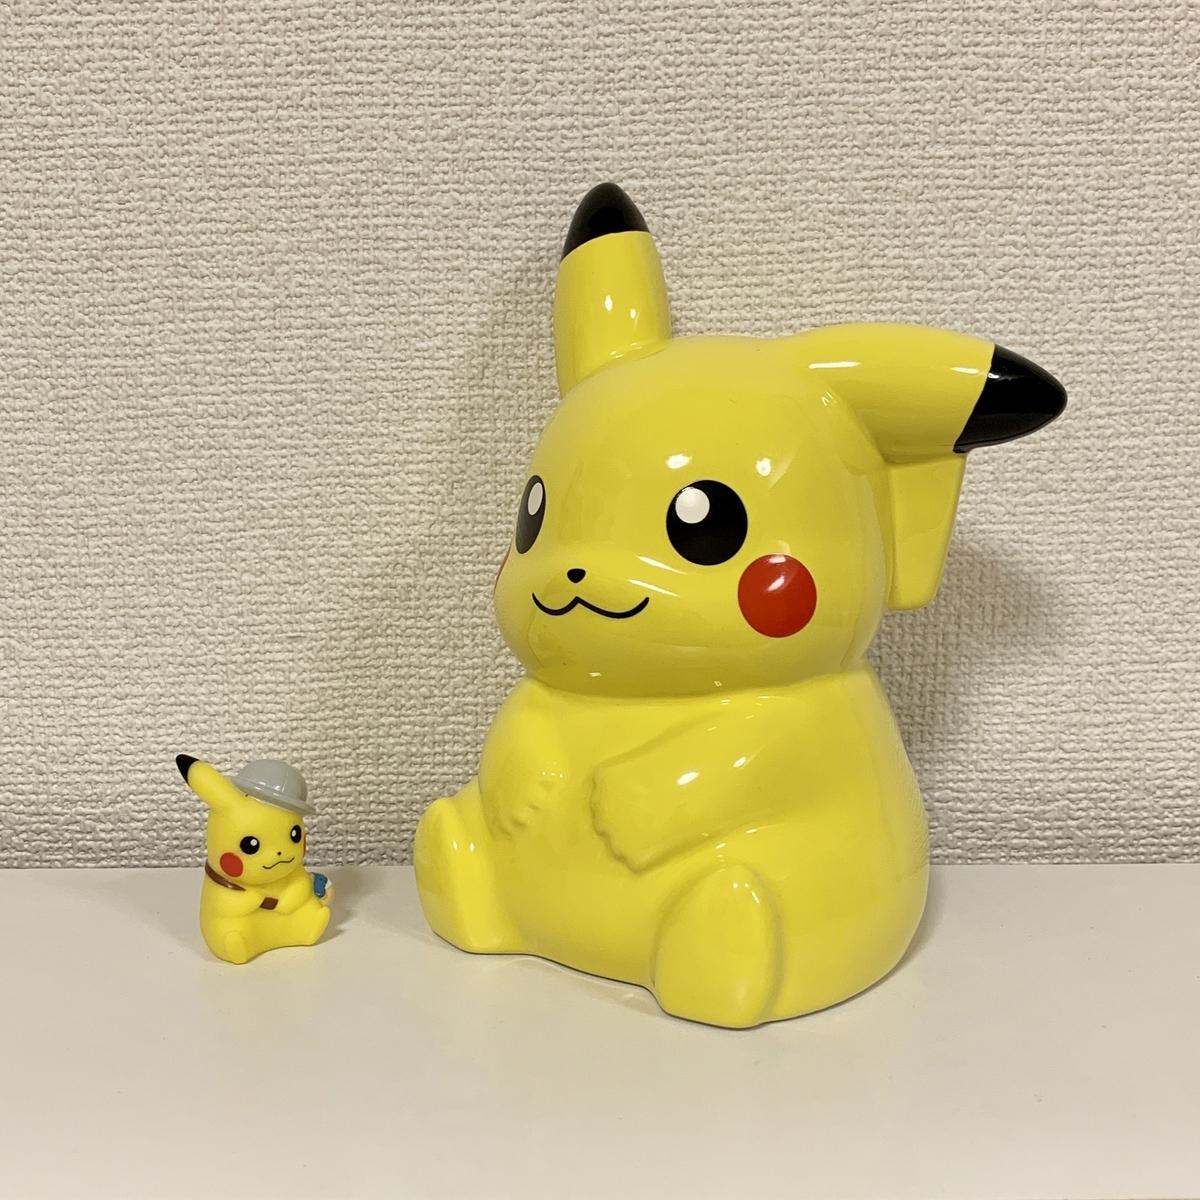 f:id:pikachu_pcn:20200718165350j:plain